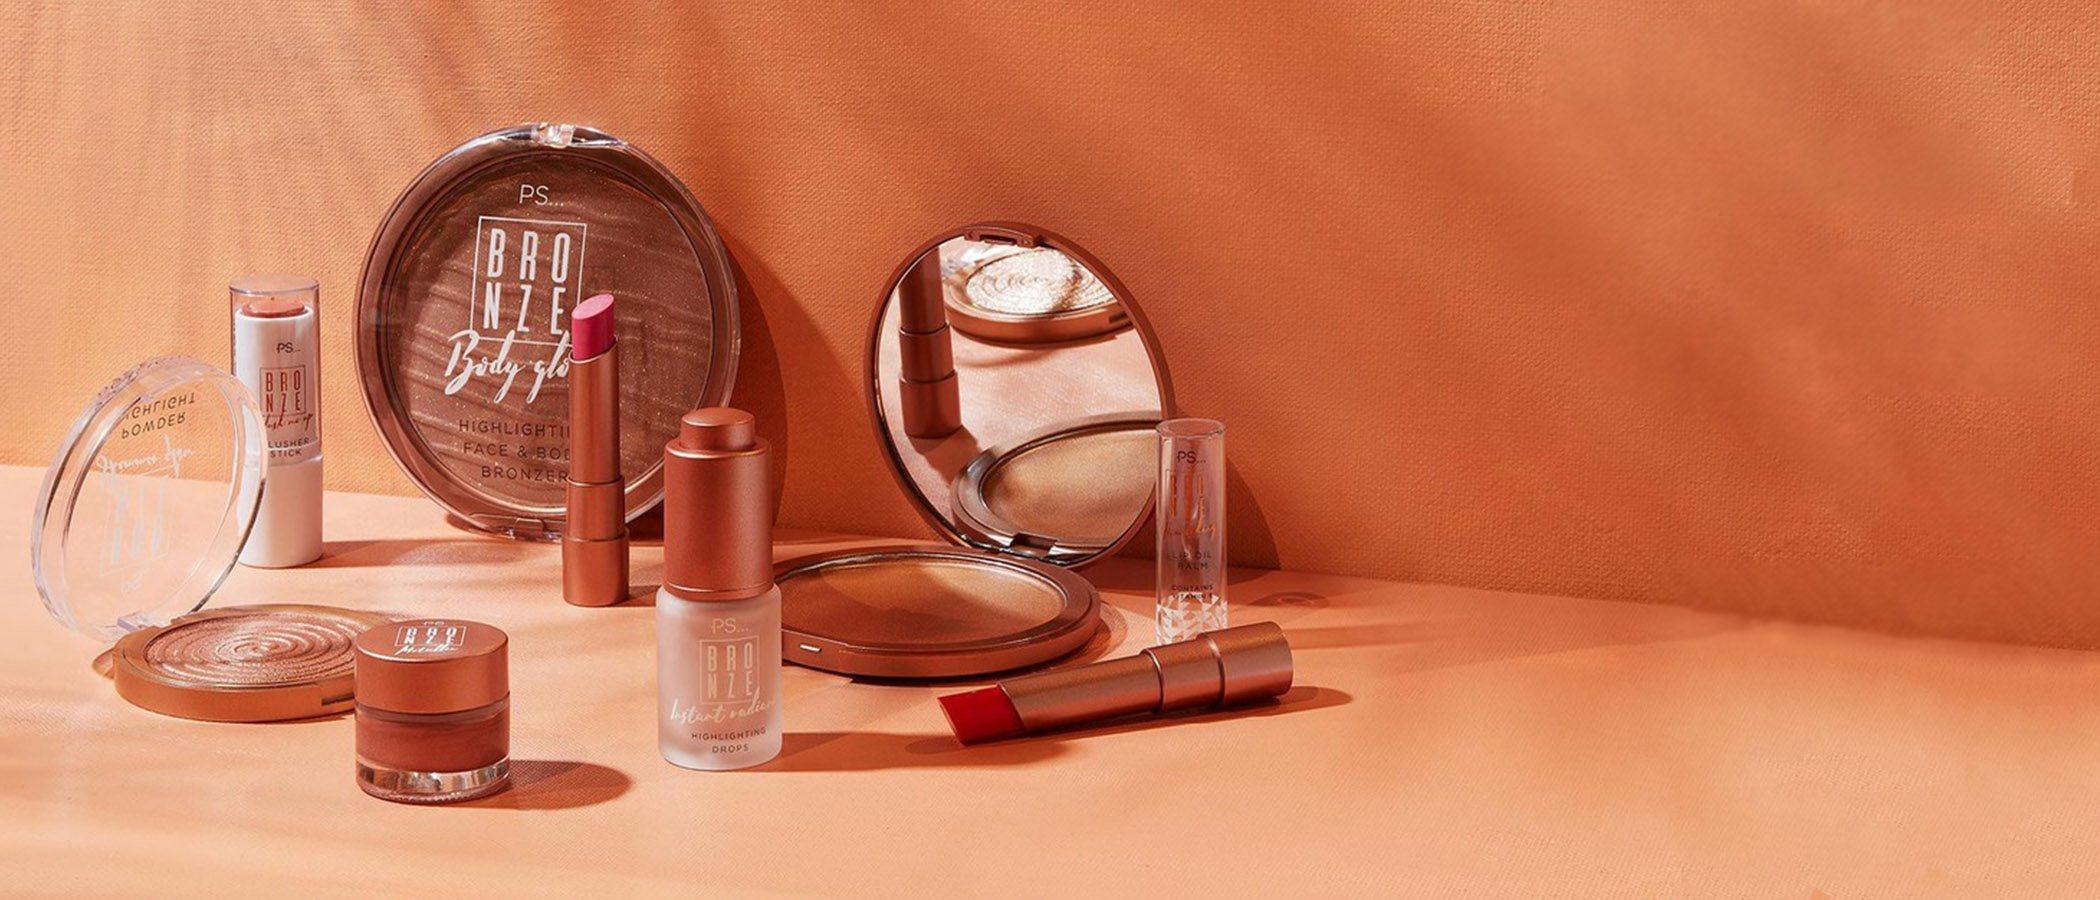 Primark lanza su colección de verano más completa con productos de maquillaje... ¡y hasta autobronceadores!